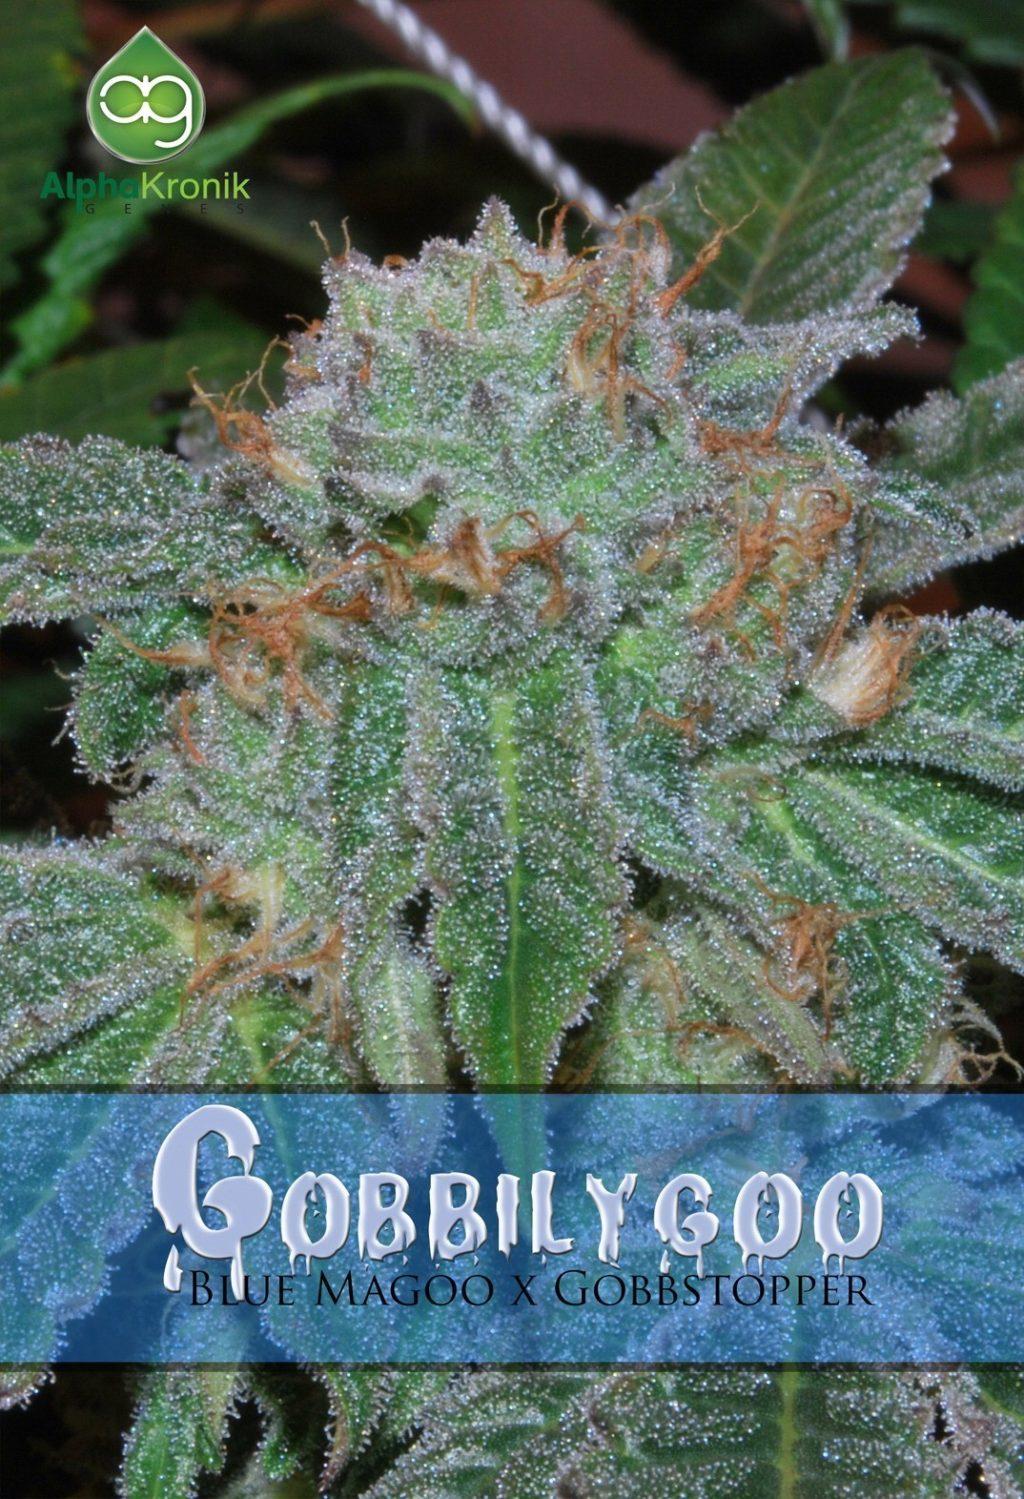 Gobbilygoo